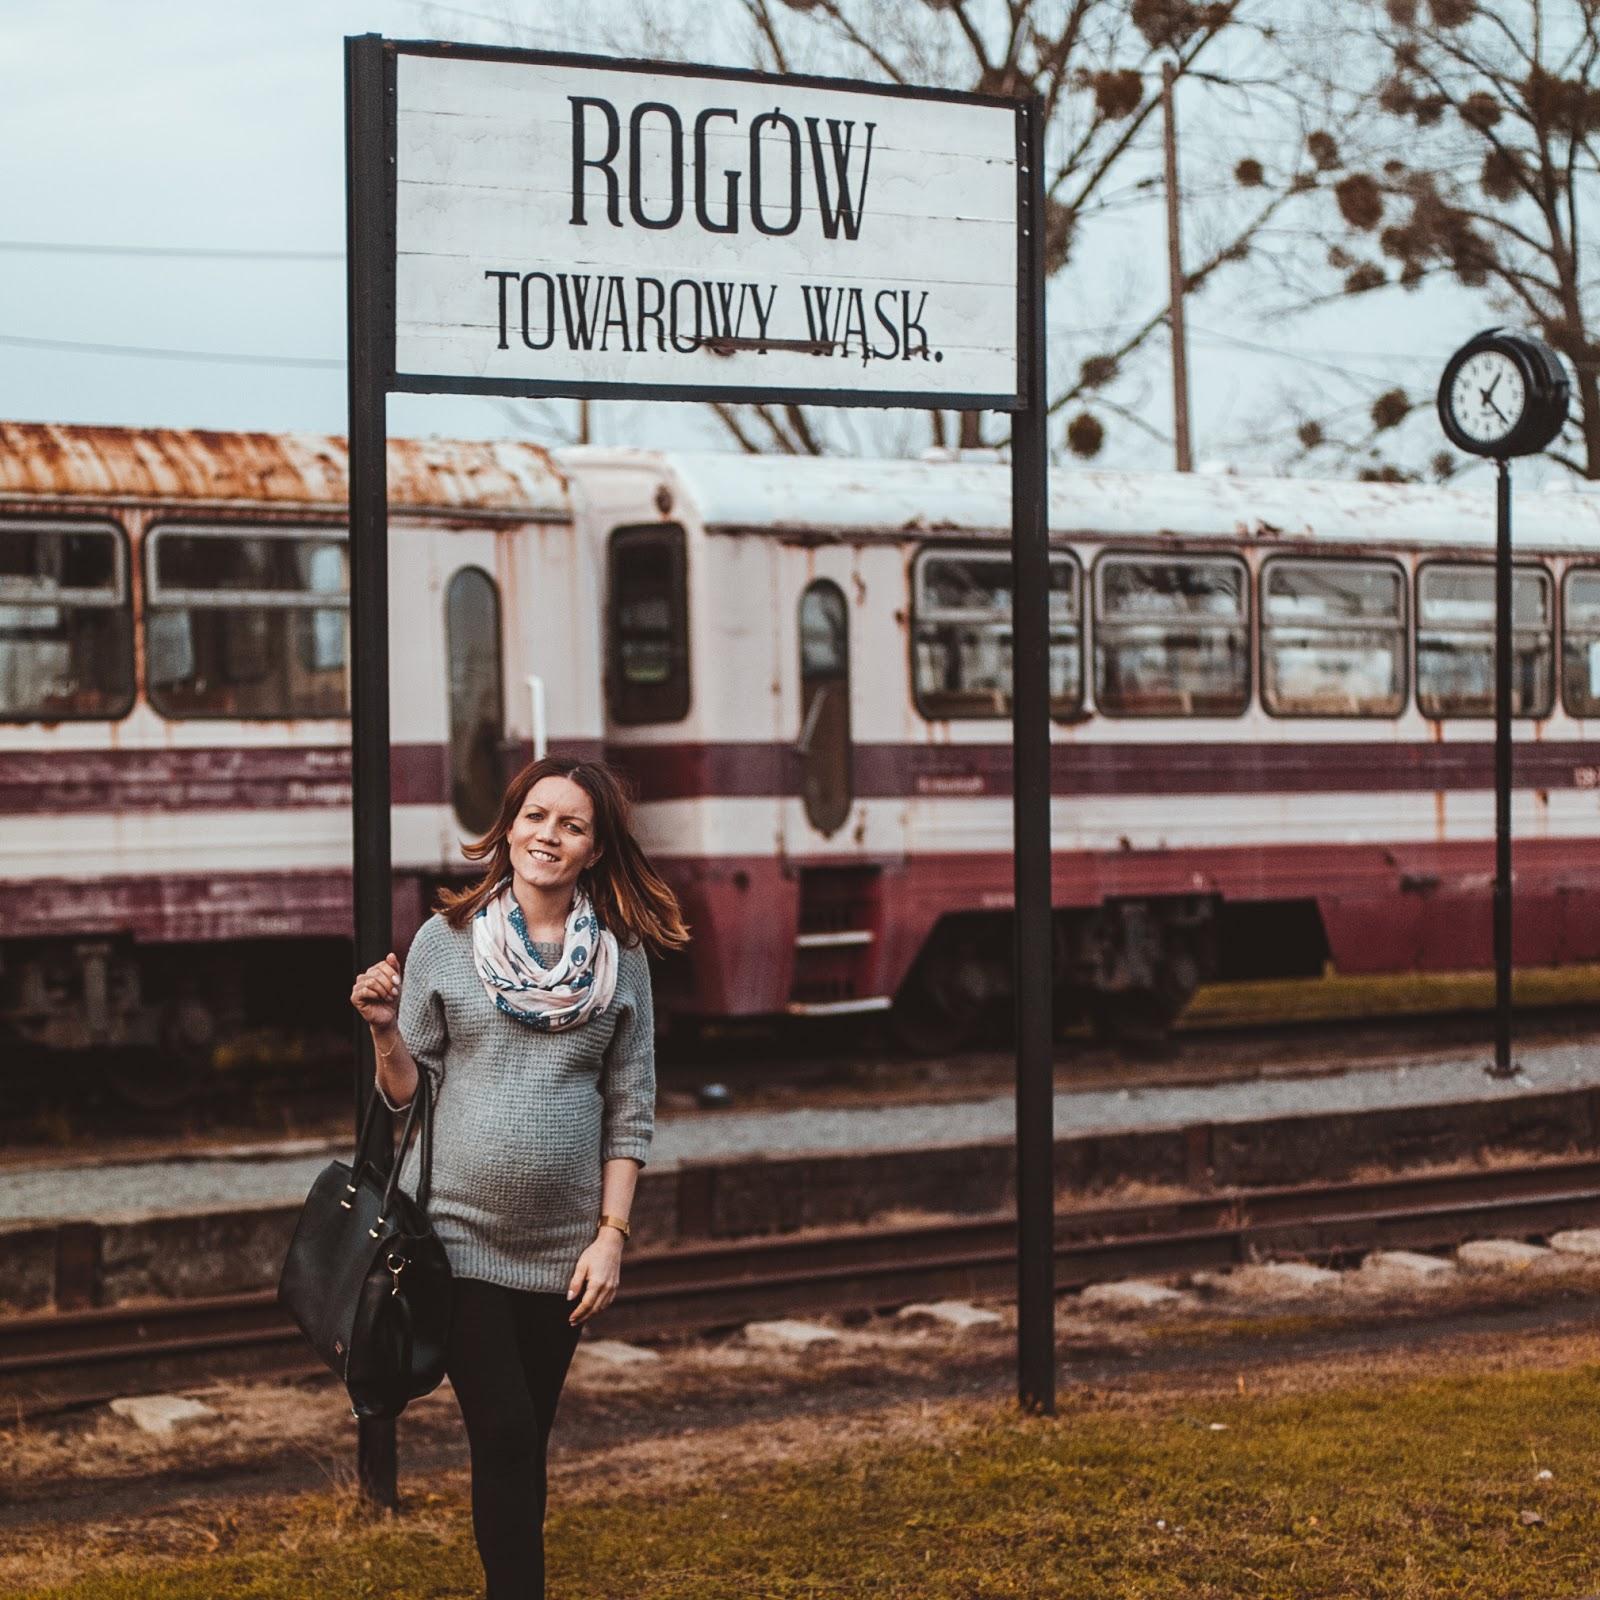 Stacja Kolejki wąskotorowej Rogów - stylebylena